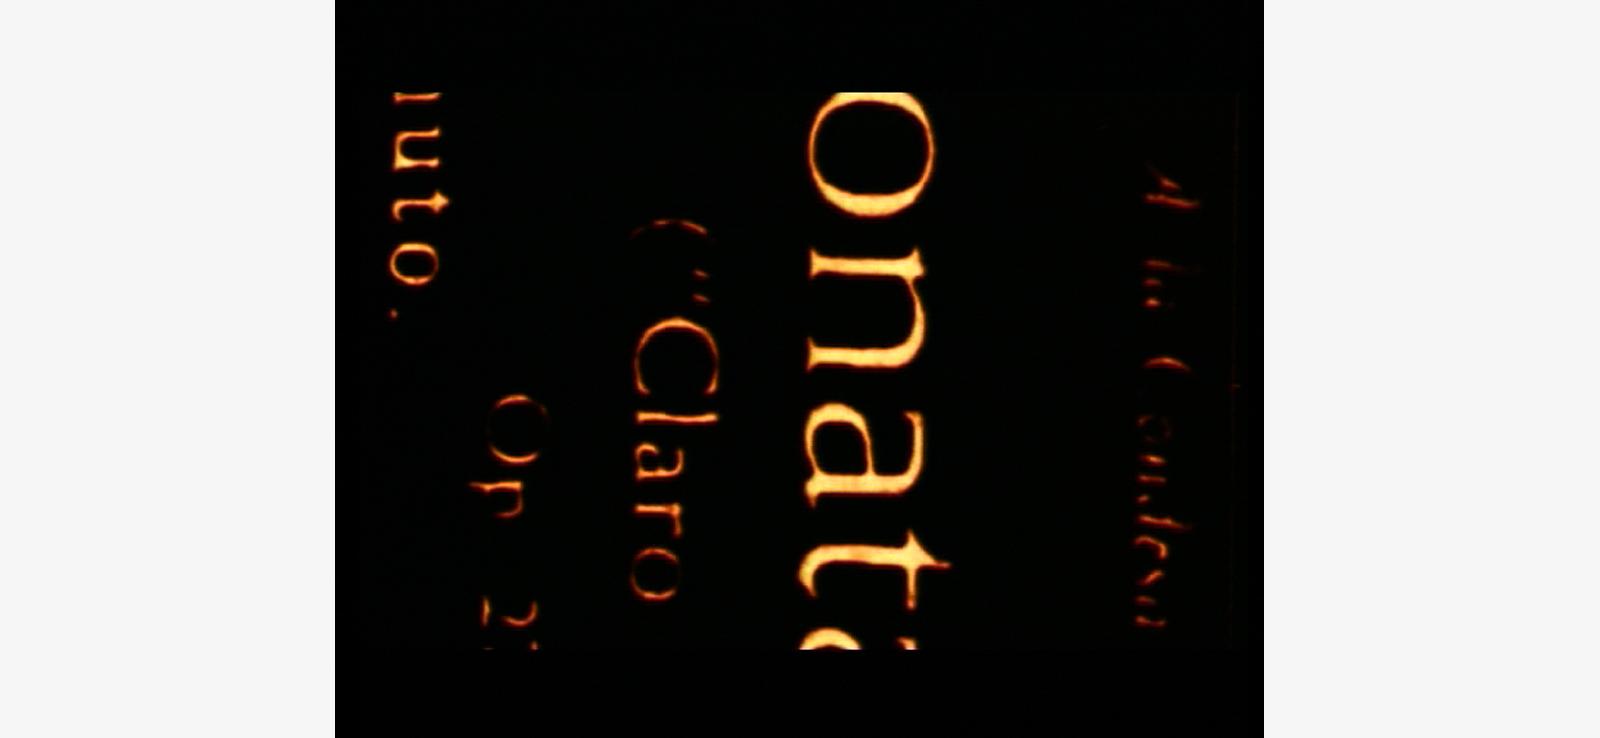 Antoni-Pinent-film-Música-visual-en-vertical-experimental-cameraòe